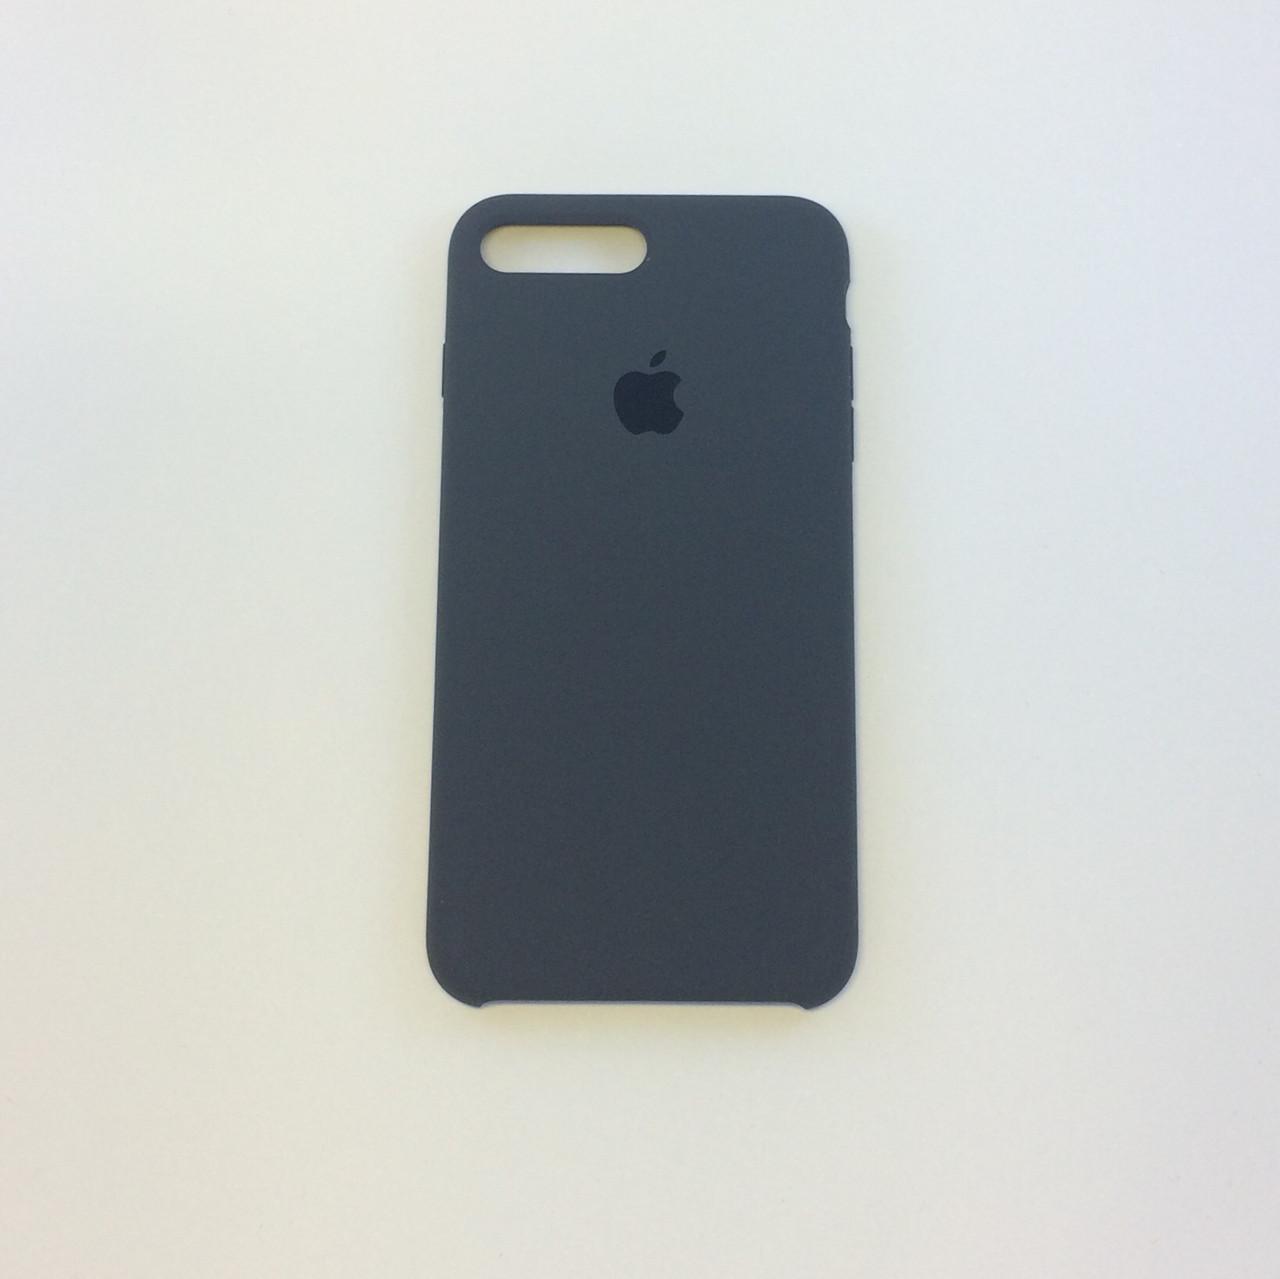 Силиконовый чехол для iPhone 7 Plus, - «мокрая галька» - copy original